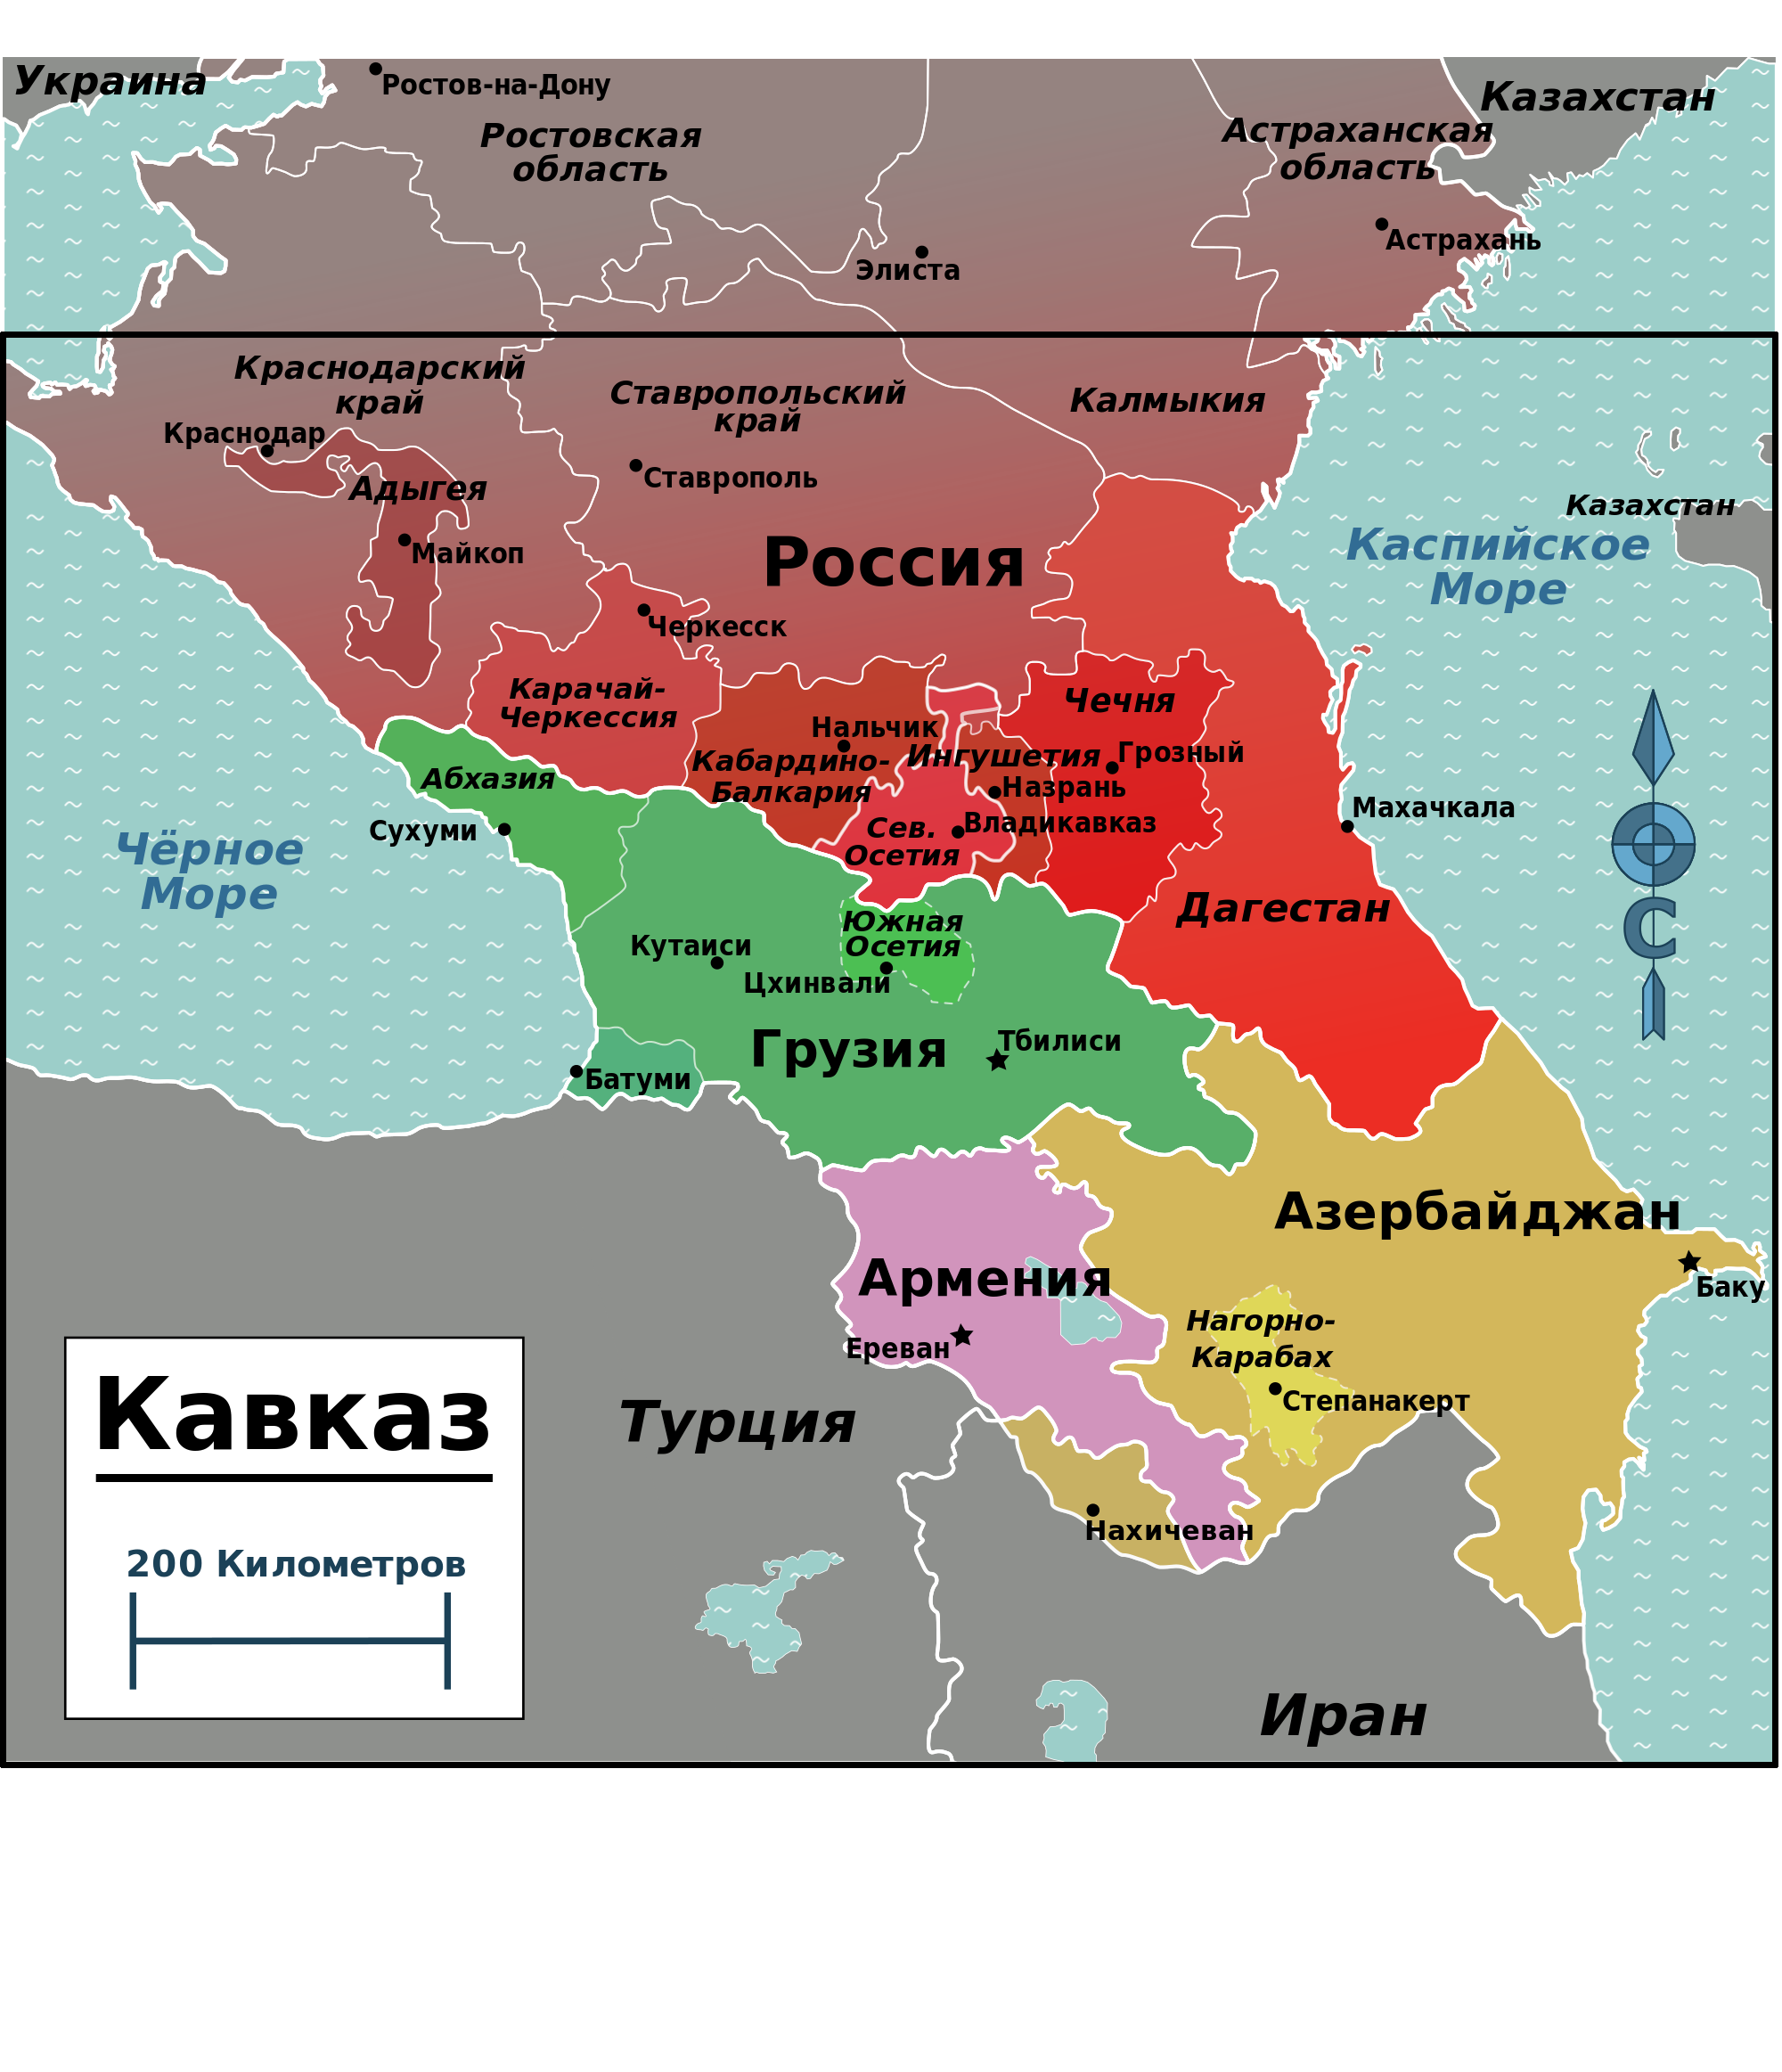 Caucasus svg #8, Download drawings